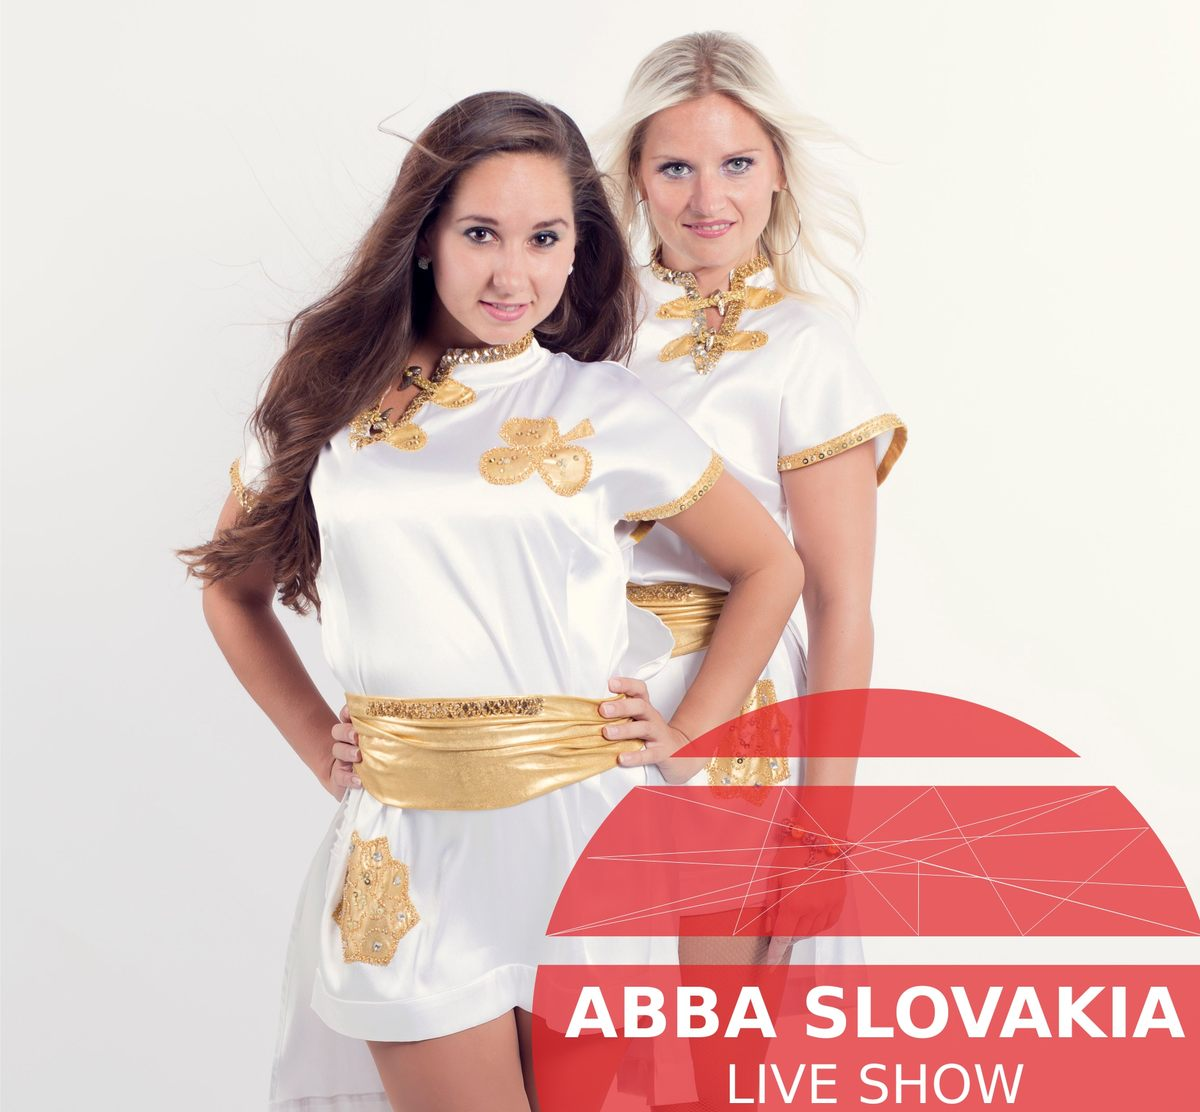 Abba Slovakia